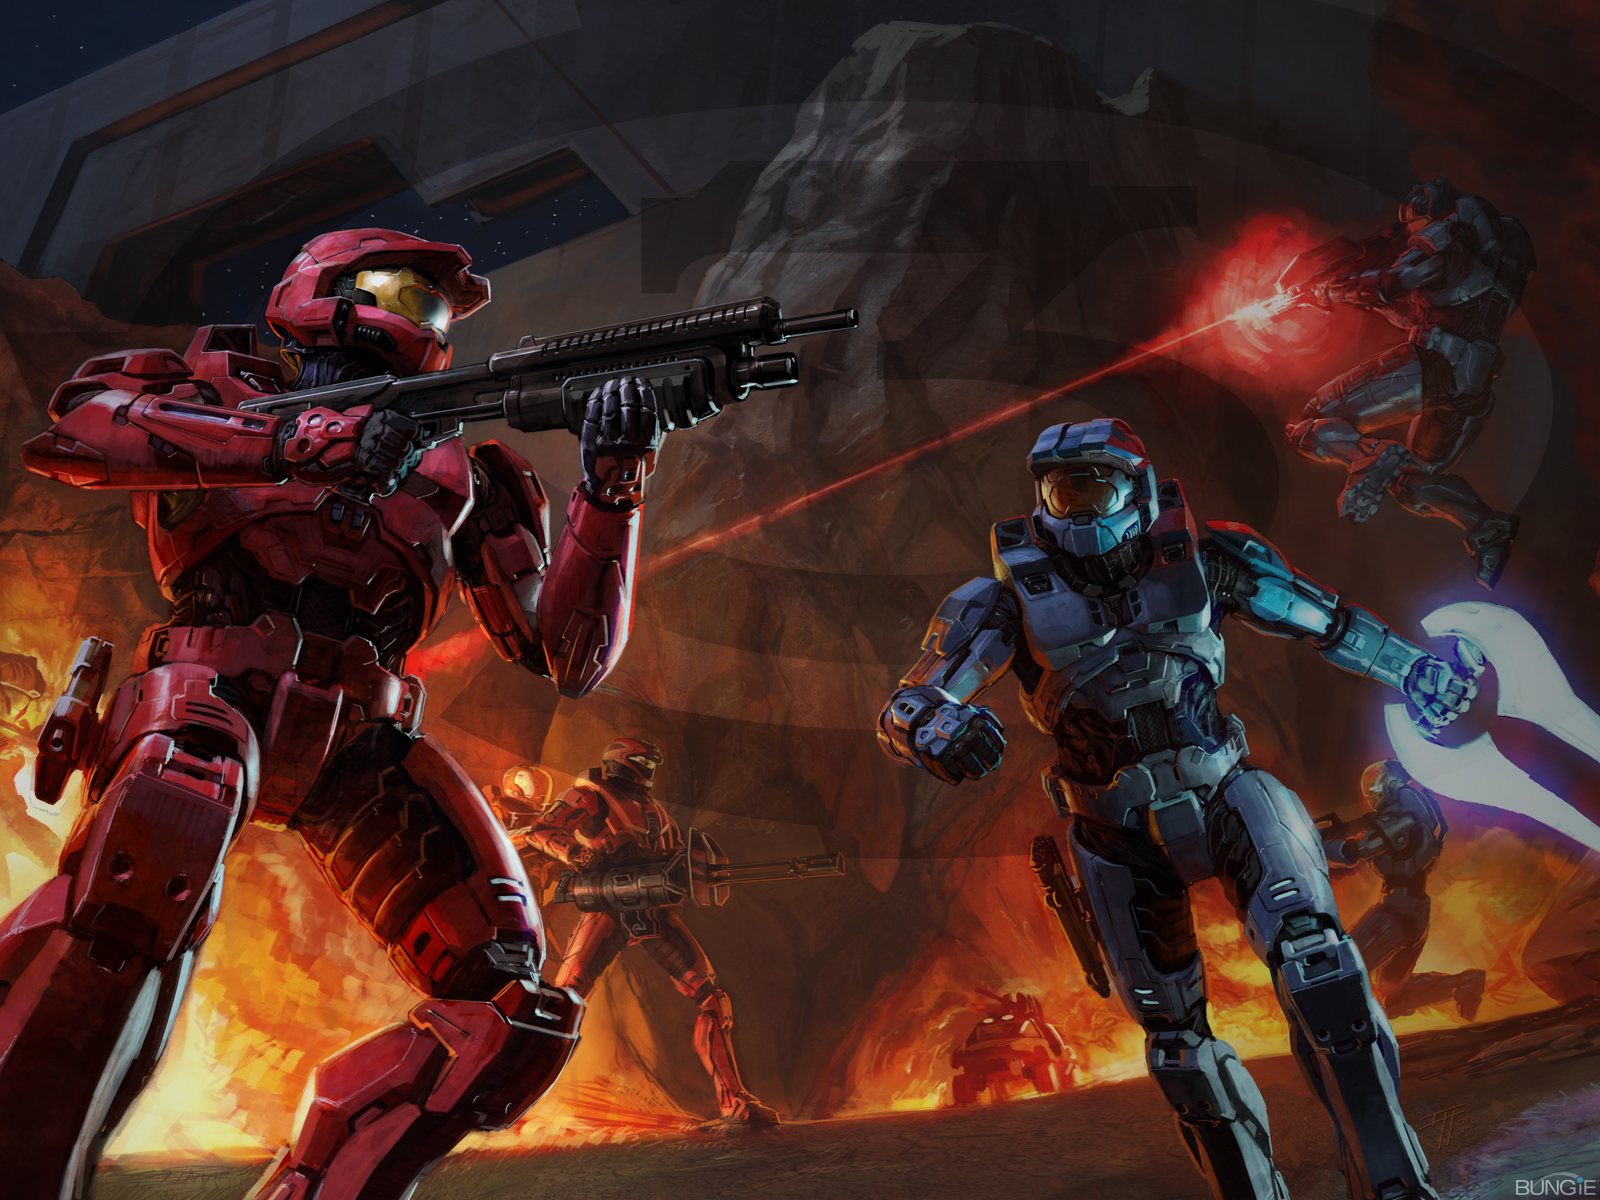 http://1.bp.blogspot.com/-mNhWJRgU73M/UNpyrHhQLaI/AAAAAAAAx9U/rOY1HLCxTmo/s1600/Wallpaper+Halo+(3).jpg